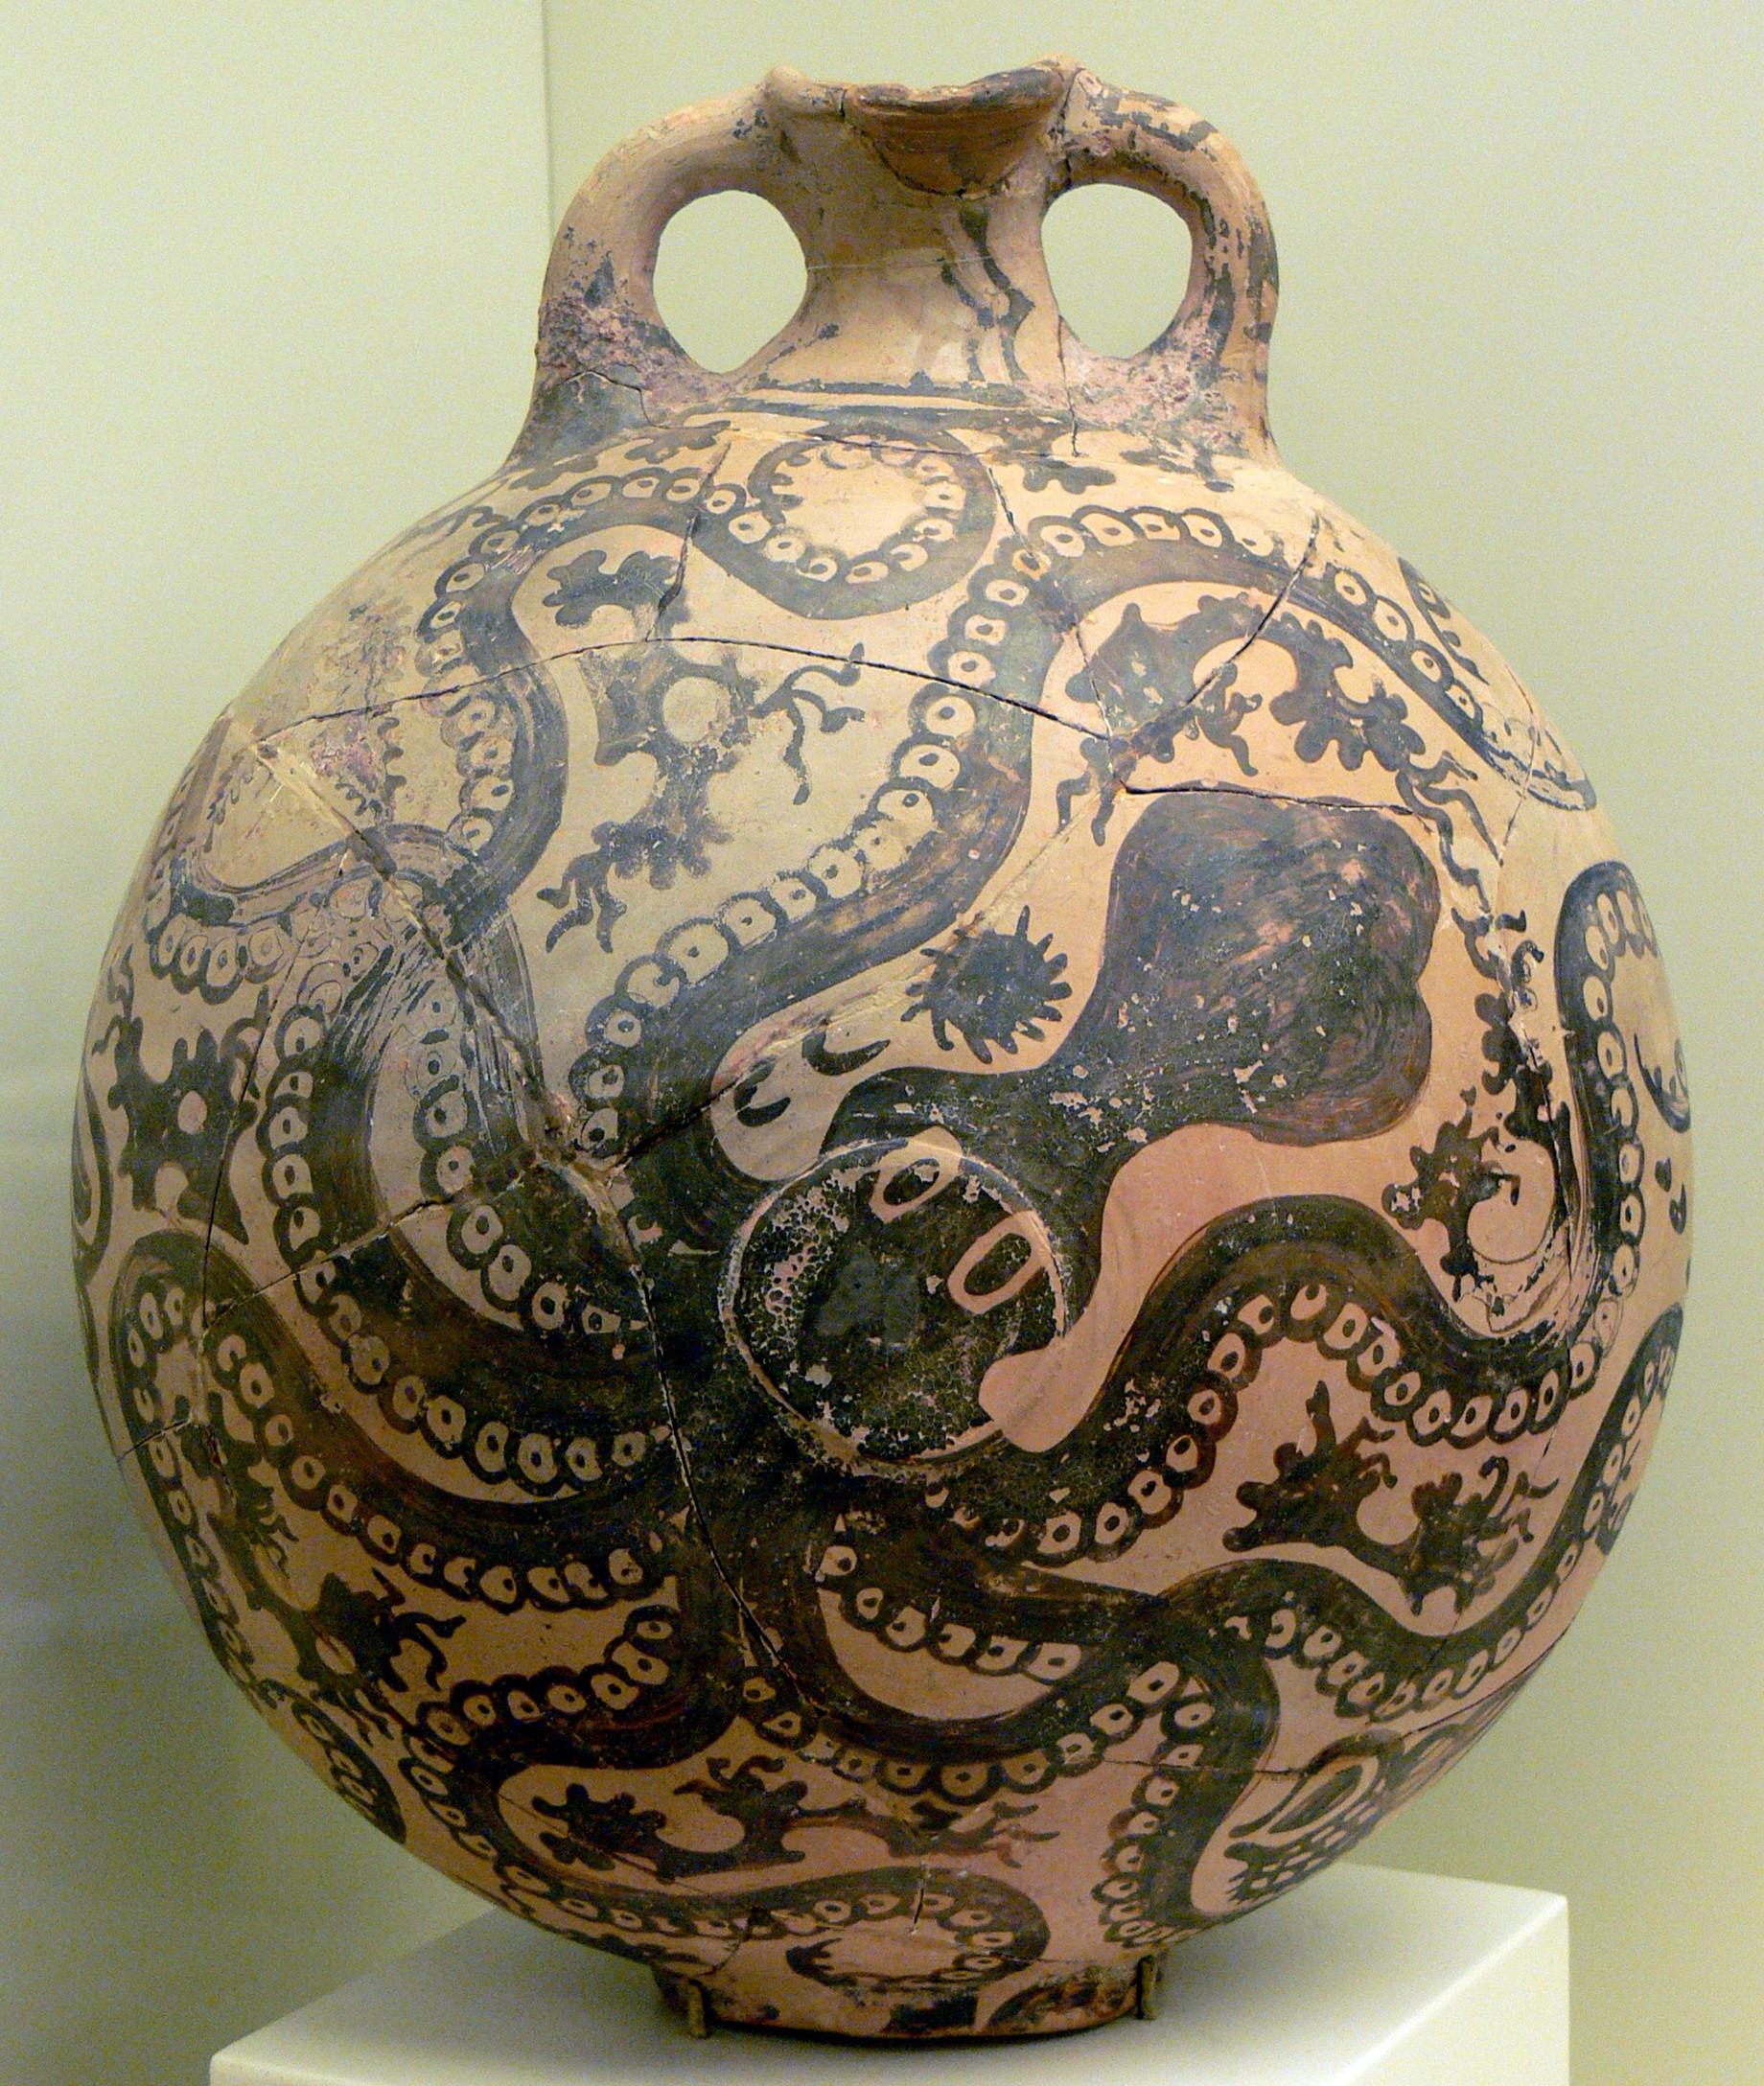 Πήλινο φλασκί με χταπόδι, Μινωϊκή αγγειοπλαστική, 1500-1450 π.Χ.